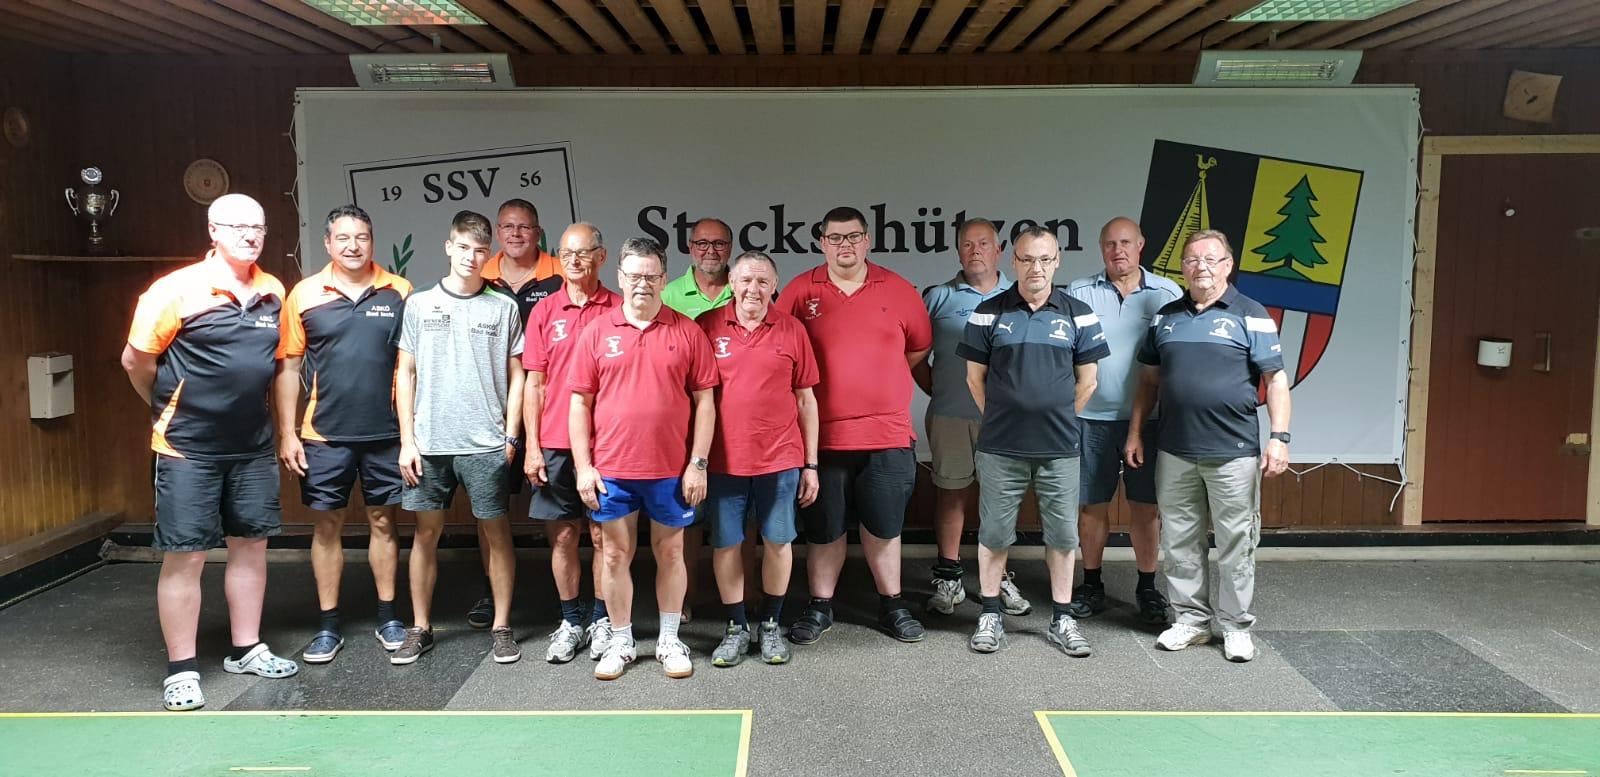 Turnier am 21. 6. 2018 - v.l. 2. ASKÖ Bad Ischl, ESV ASKÖ Viechtwang, 3. USC Attergau